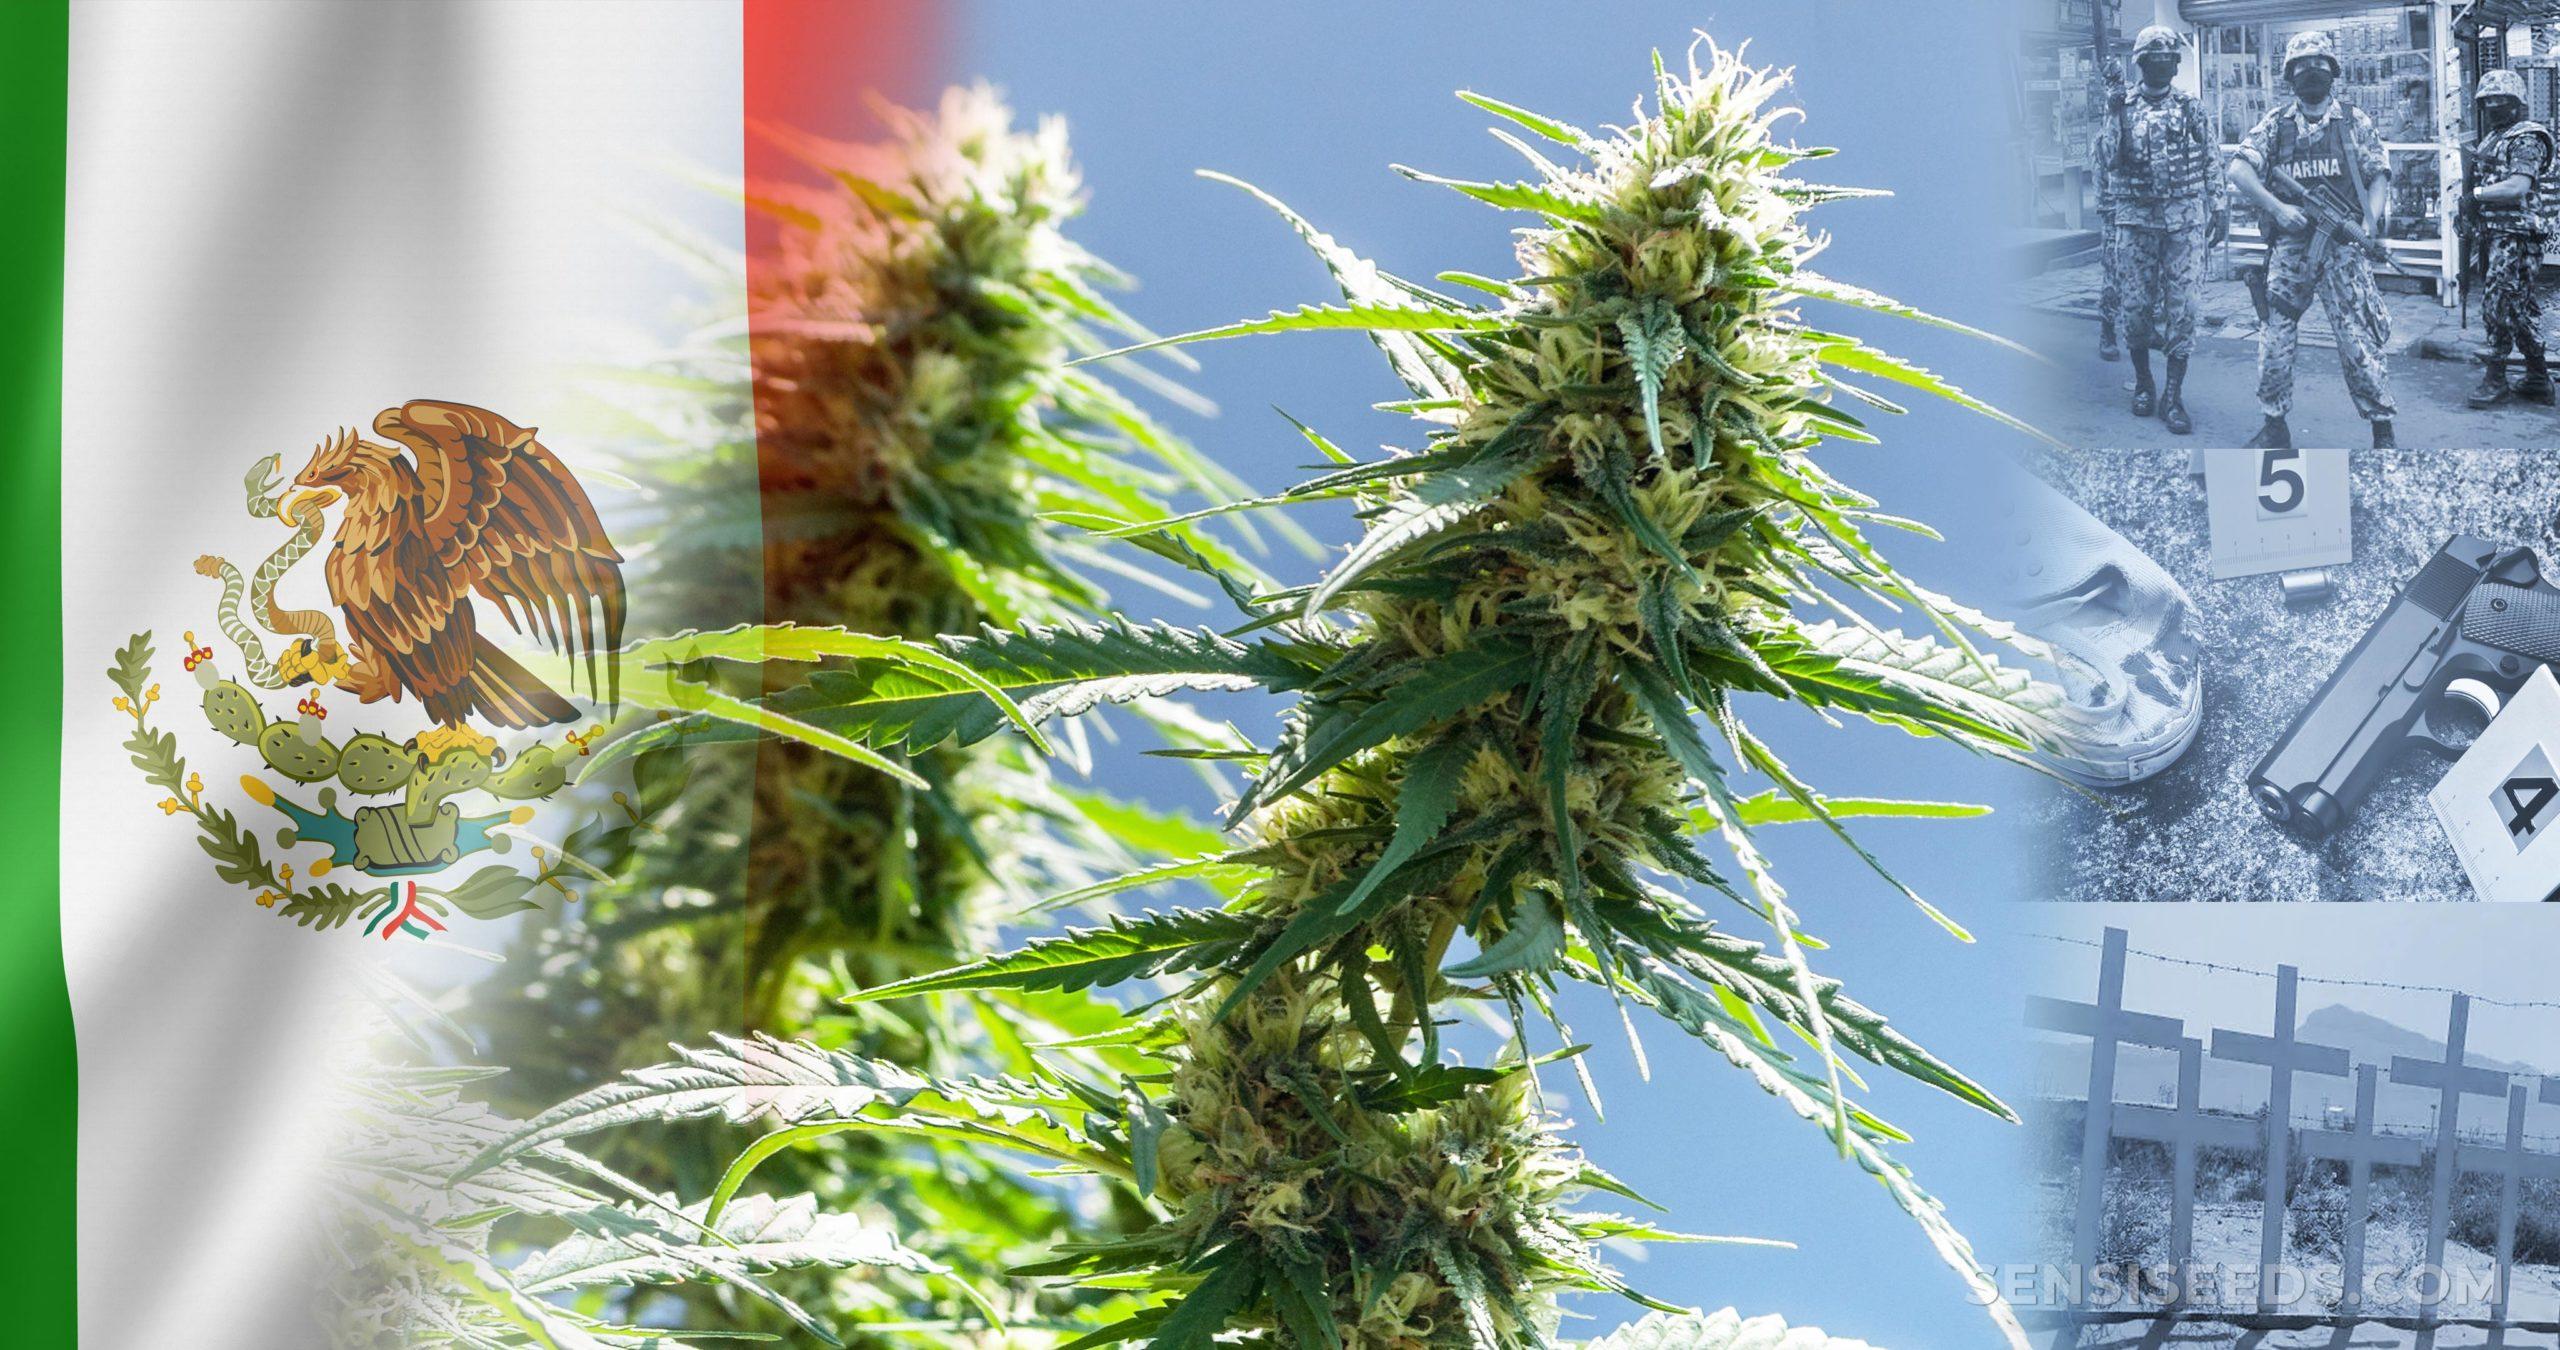 La bandera mexicana y una planta de cannabis.